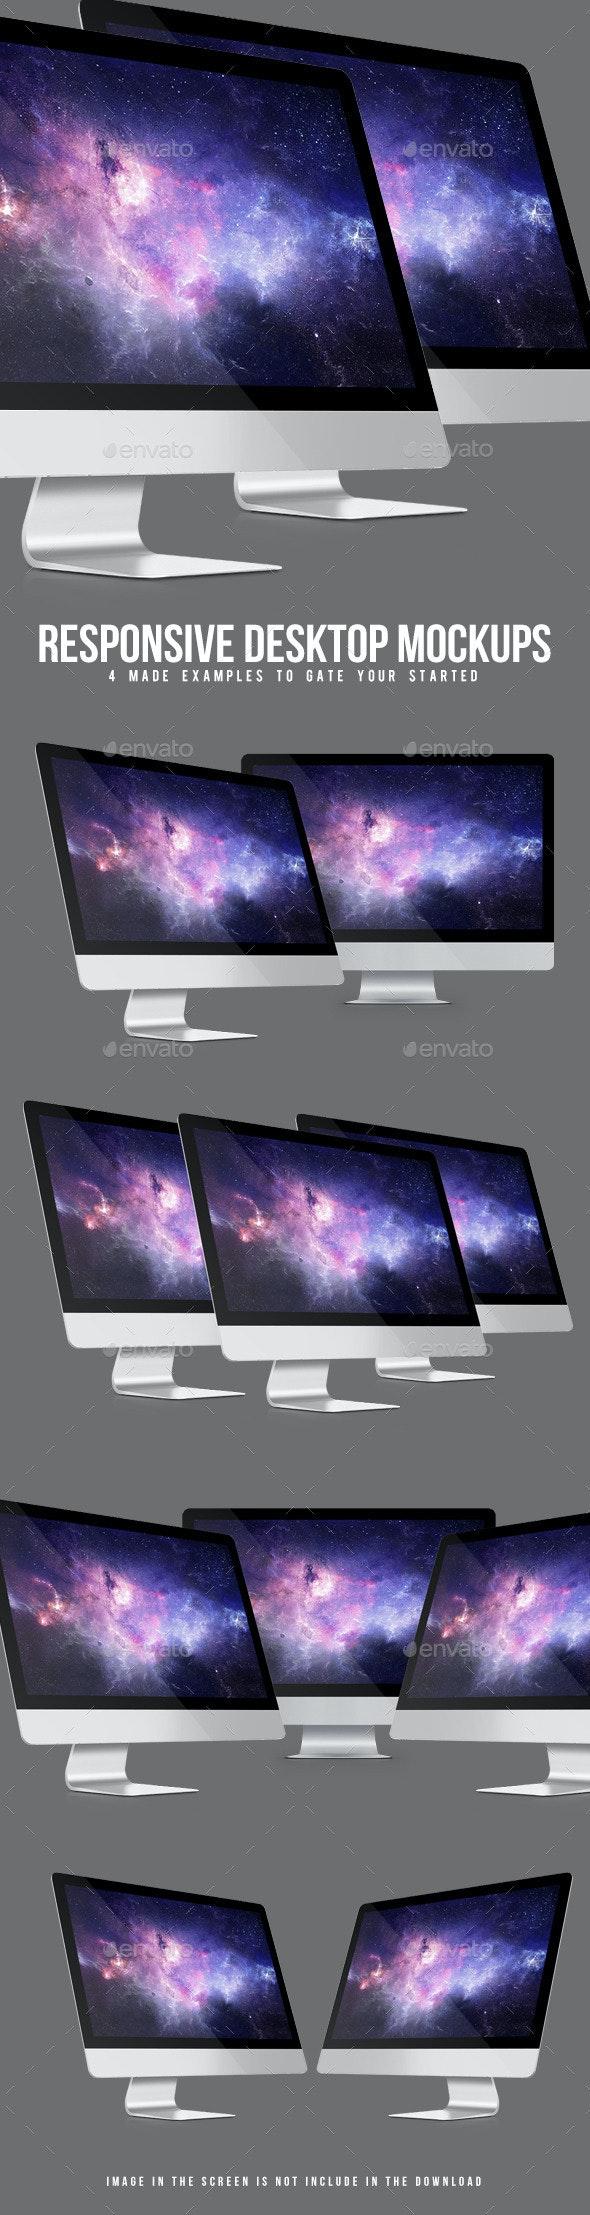 Responsive Desktop Mockups - Monitors Displays